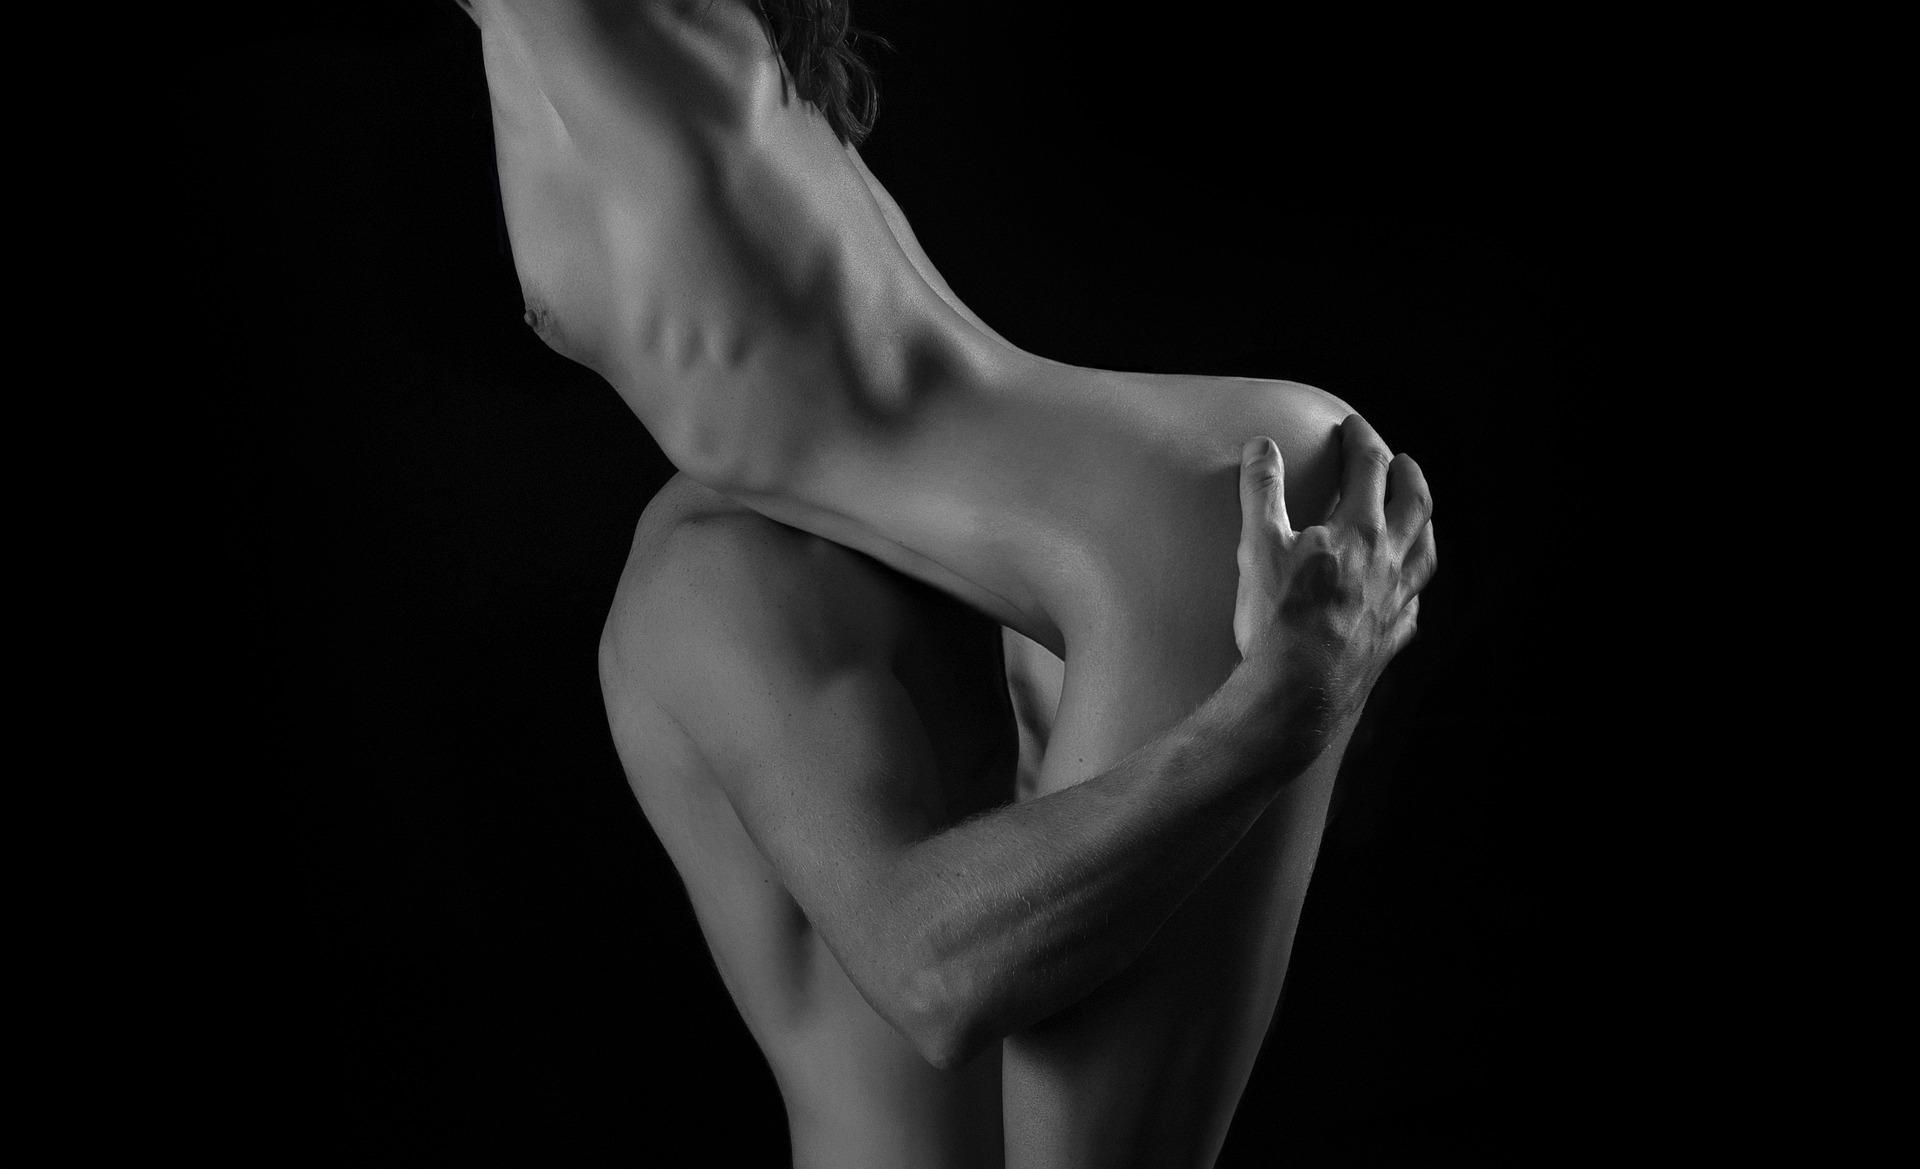 Ste frustrovaní svašimi sexuálnymi praktikami, achcete to ihneď zmeniť pre vaše erotické dobro?